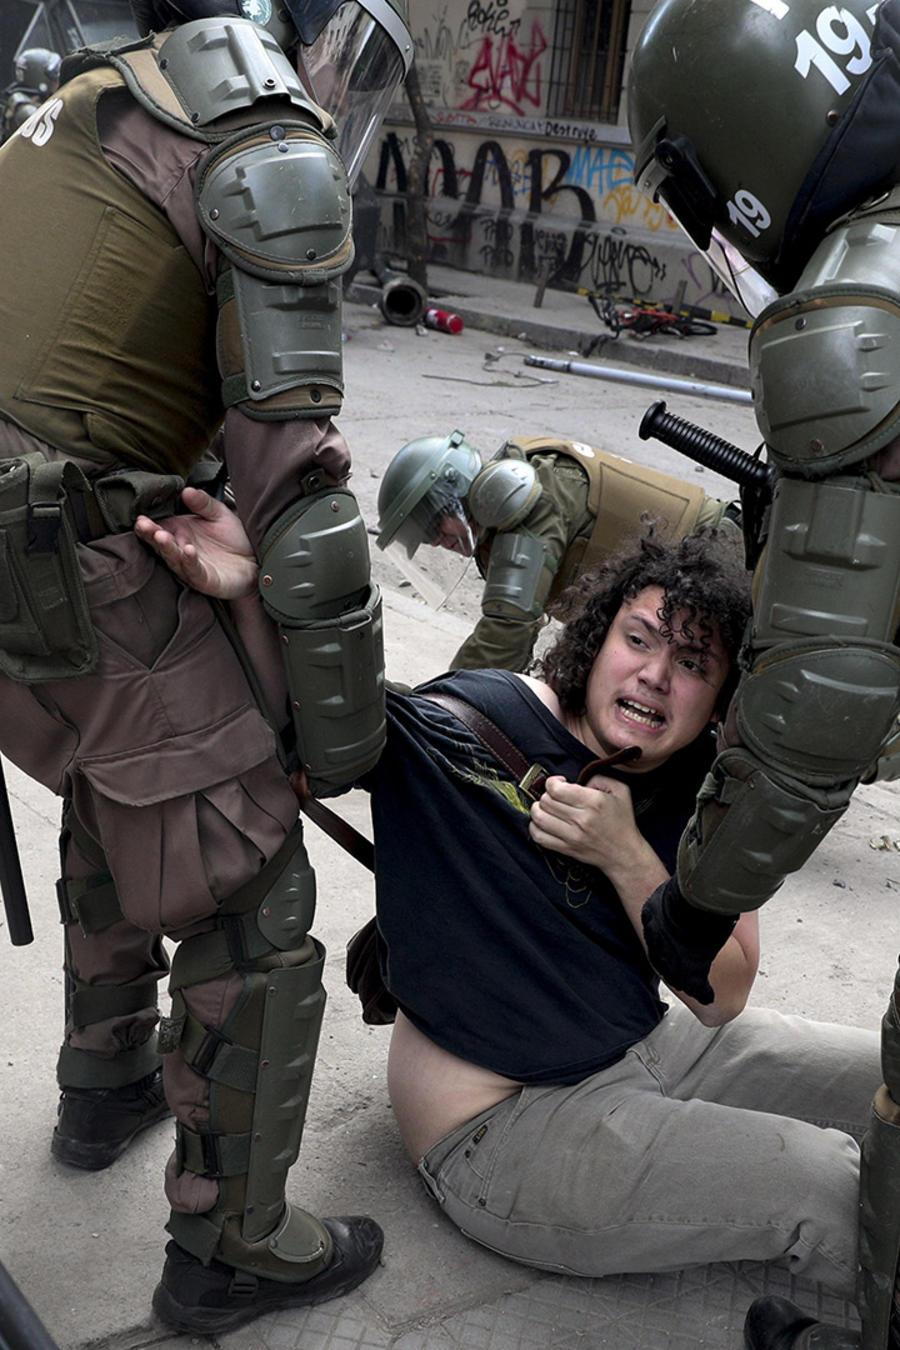 La Policía detiene a un manifestante en Santiago, durante un protesta ocurrida el pasado 5 de noviembre de 2019.